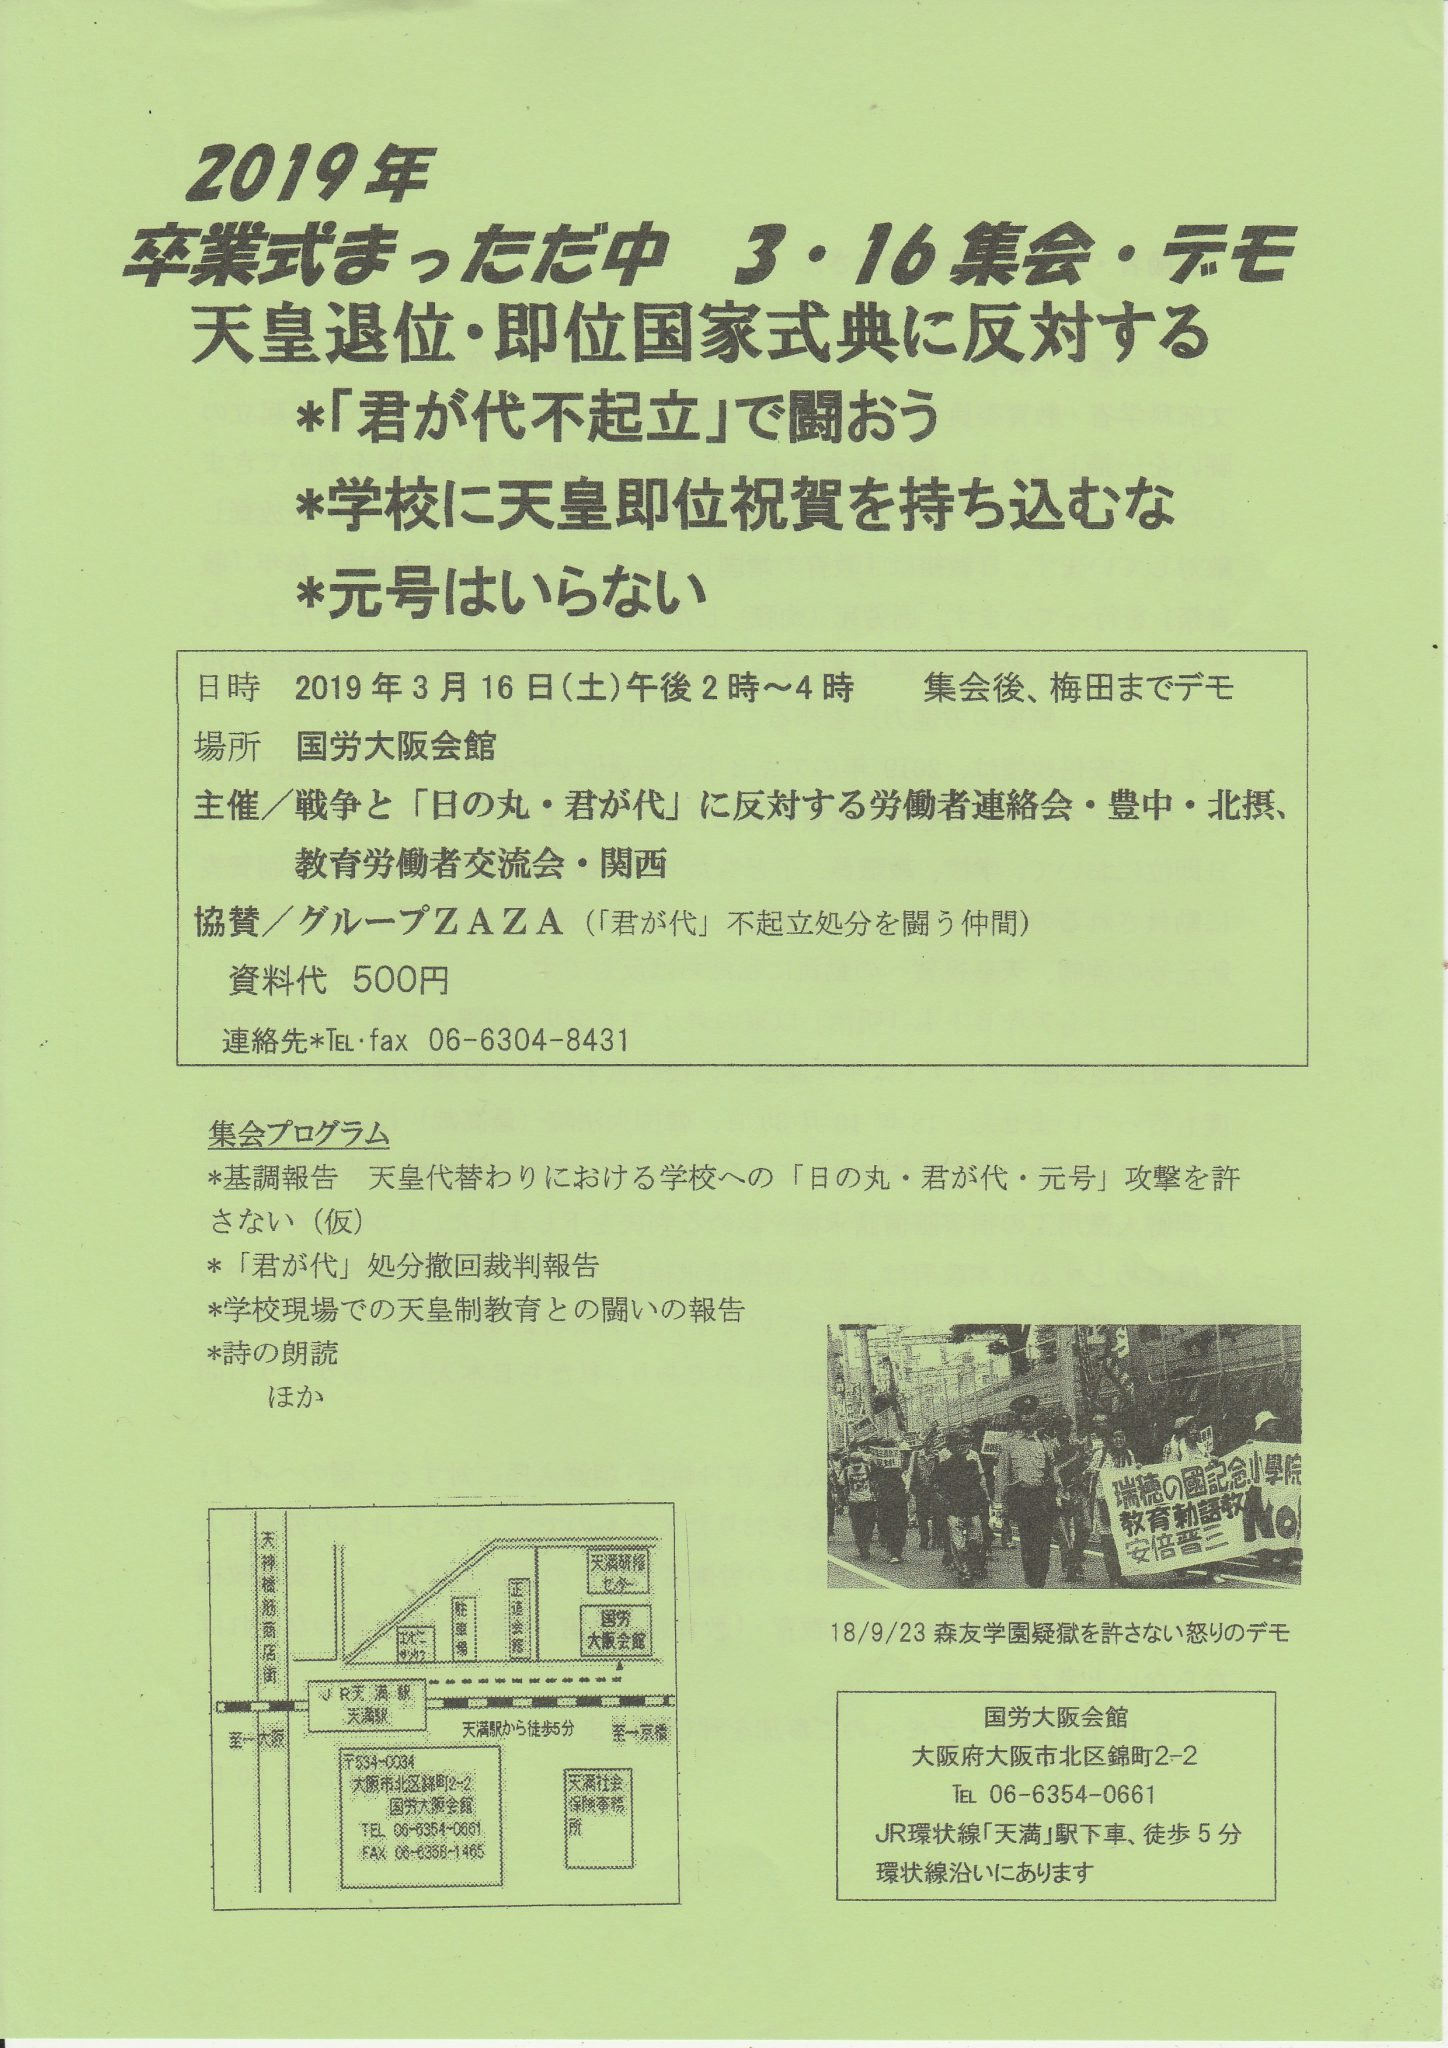 卒業式まっただ中 天皇退位・即位国家式典に反対する 3・16集会・デモ